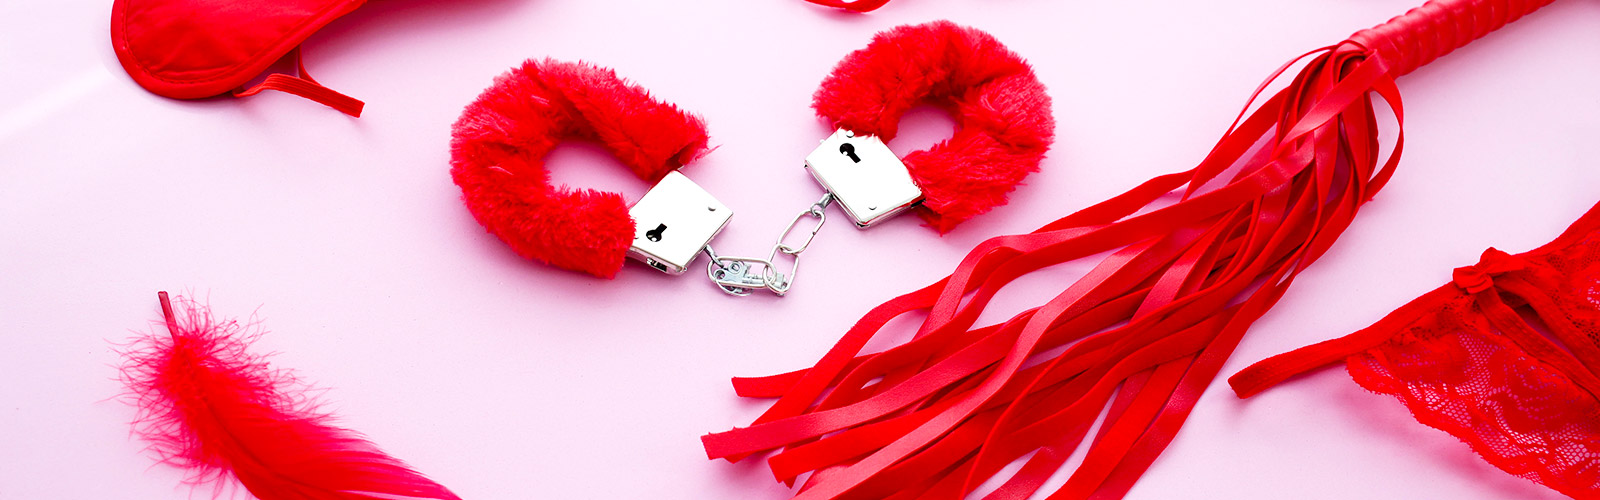 Red bondage toys